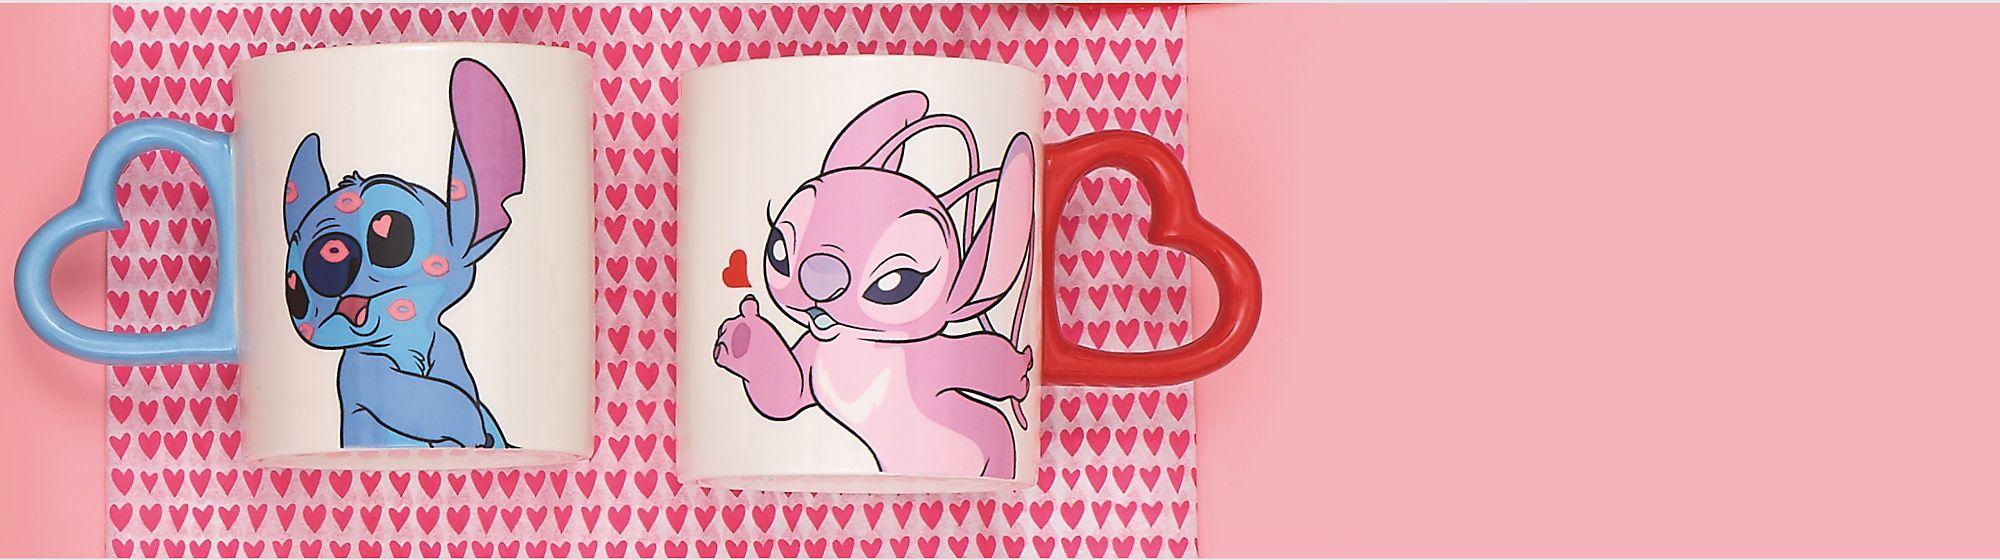 Valentinstag In unserer bezaubernden Kollektion mit Schmuck, Kuscheltieren und mehr findest du das perfekte Geschenk JETZT KAUFEN